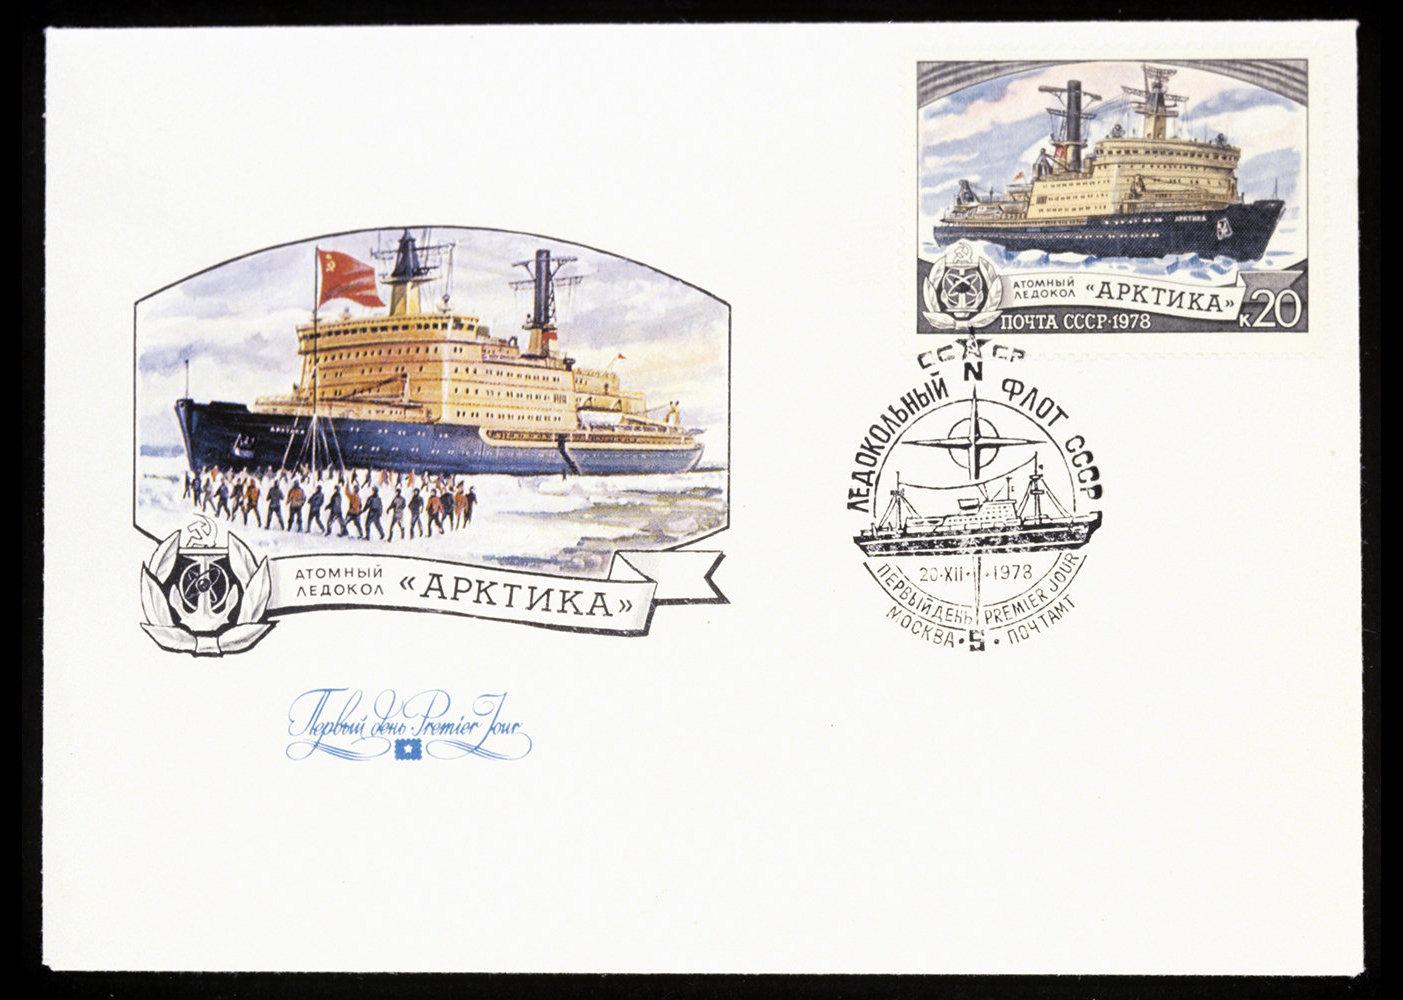 Репродукция серии почтовых марок СССР «Ледокольный флот СССР» художника Анатолия Аксамита